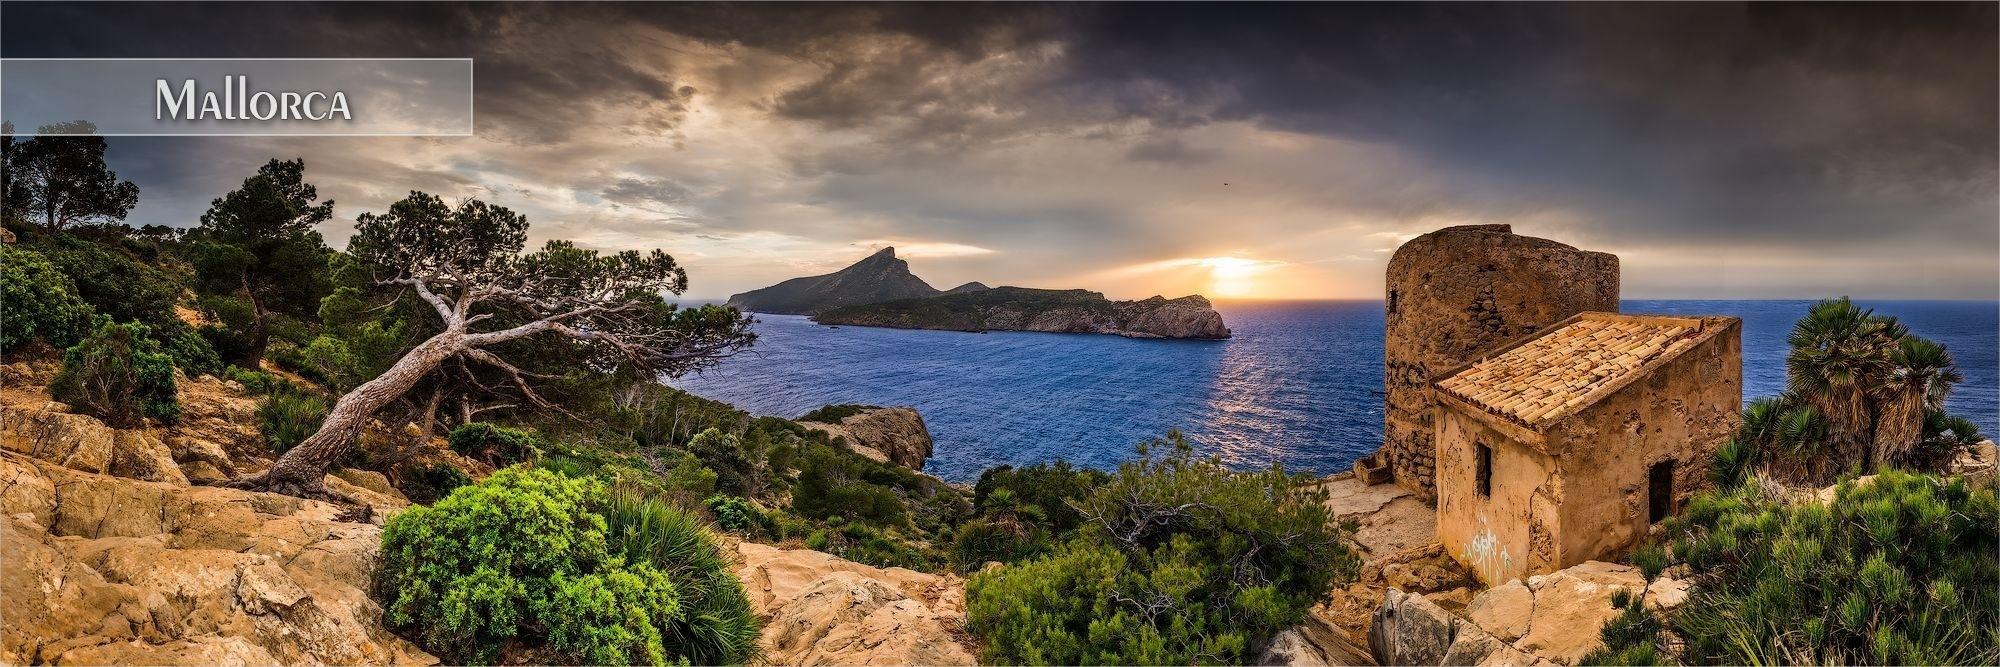 Bilder als Wandbild und Küchenrückwand aus Mallorca